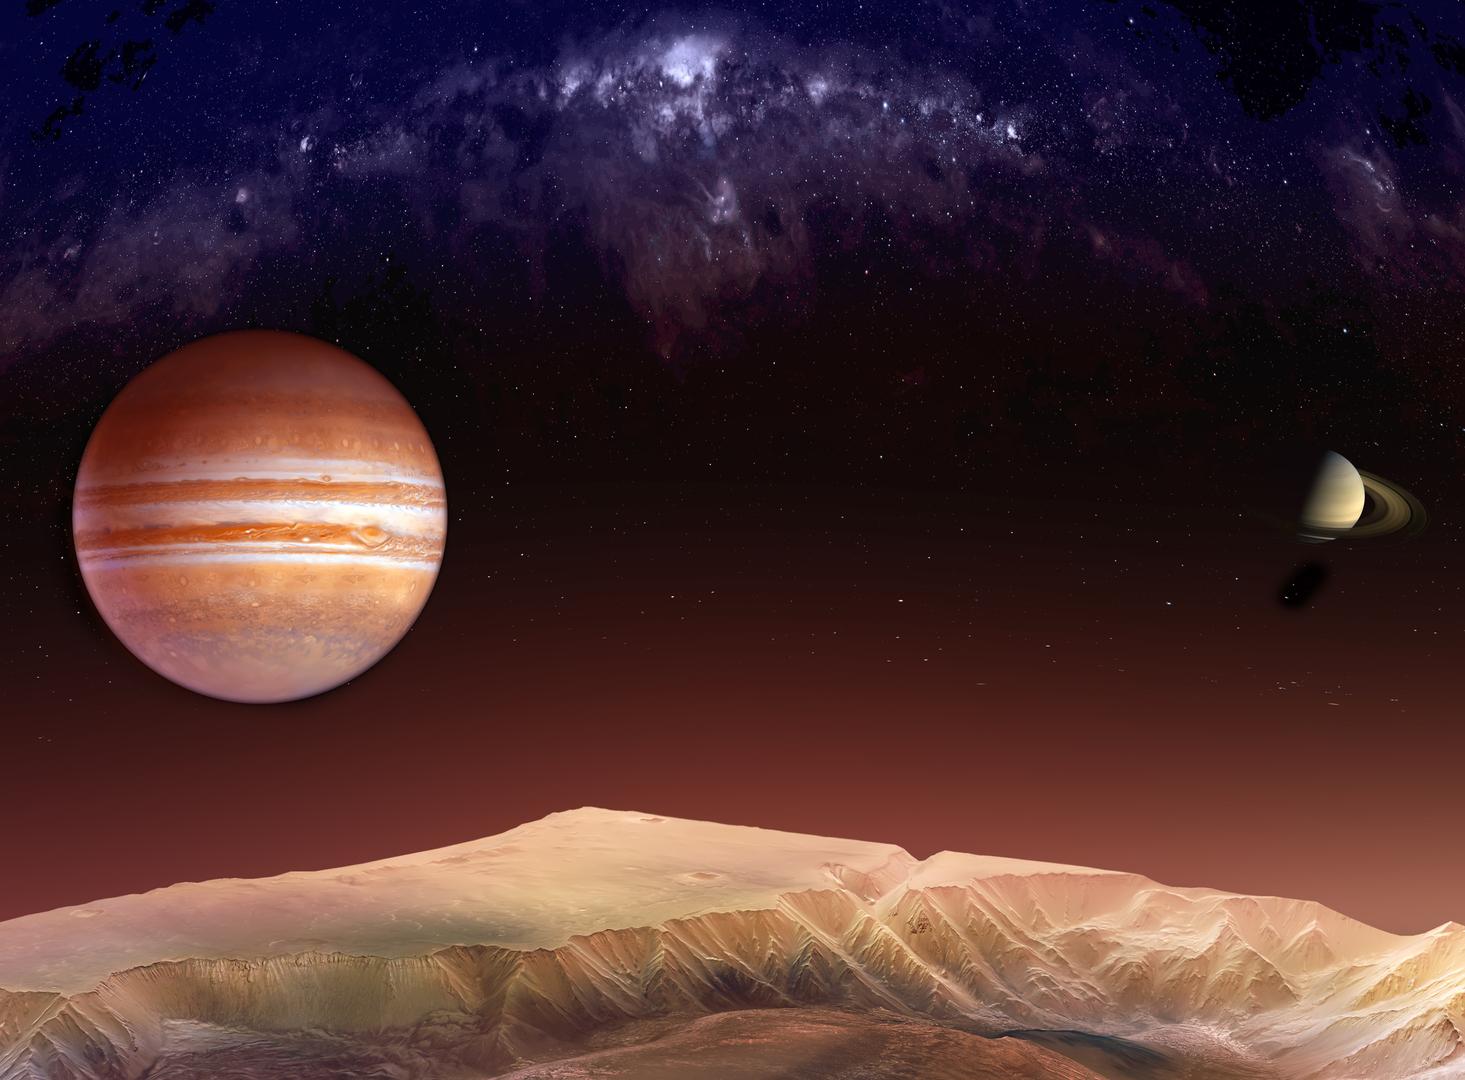 العمالقة الغازية في النظام الشمسي تستعد لحدث